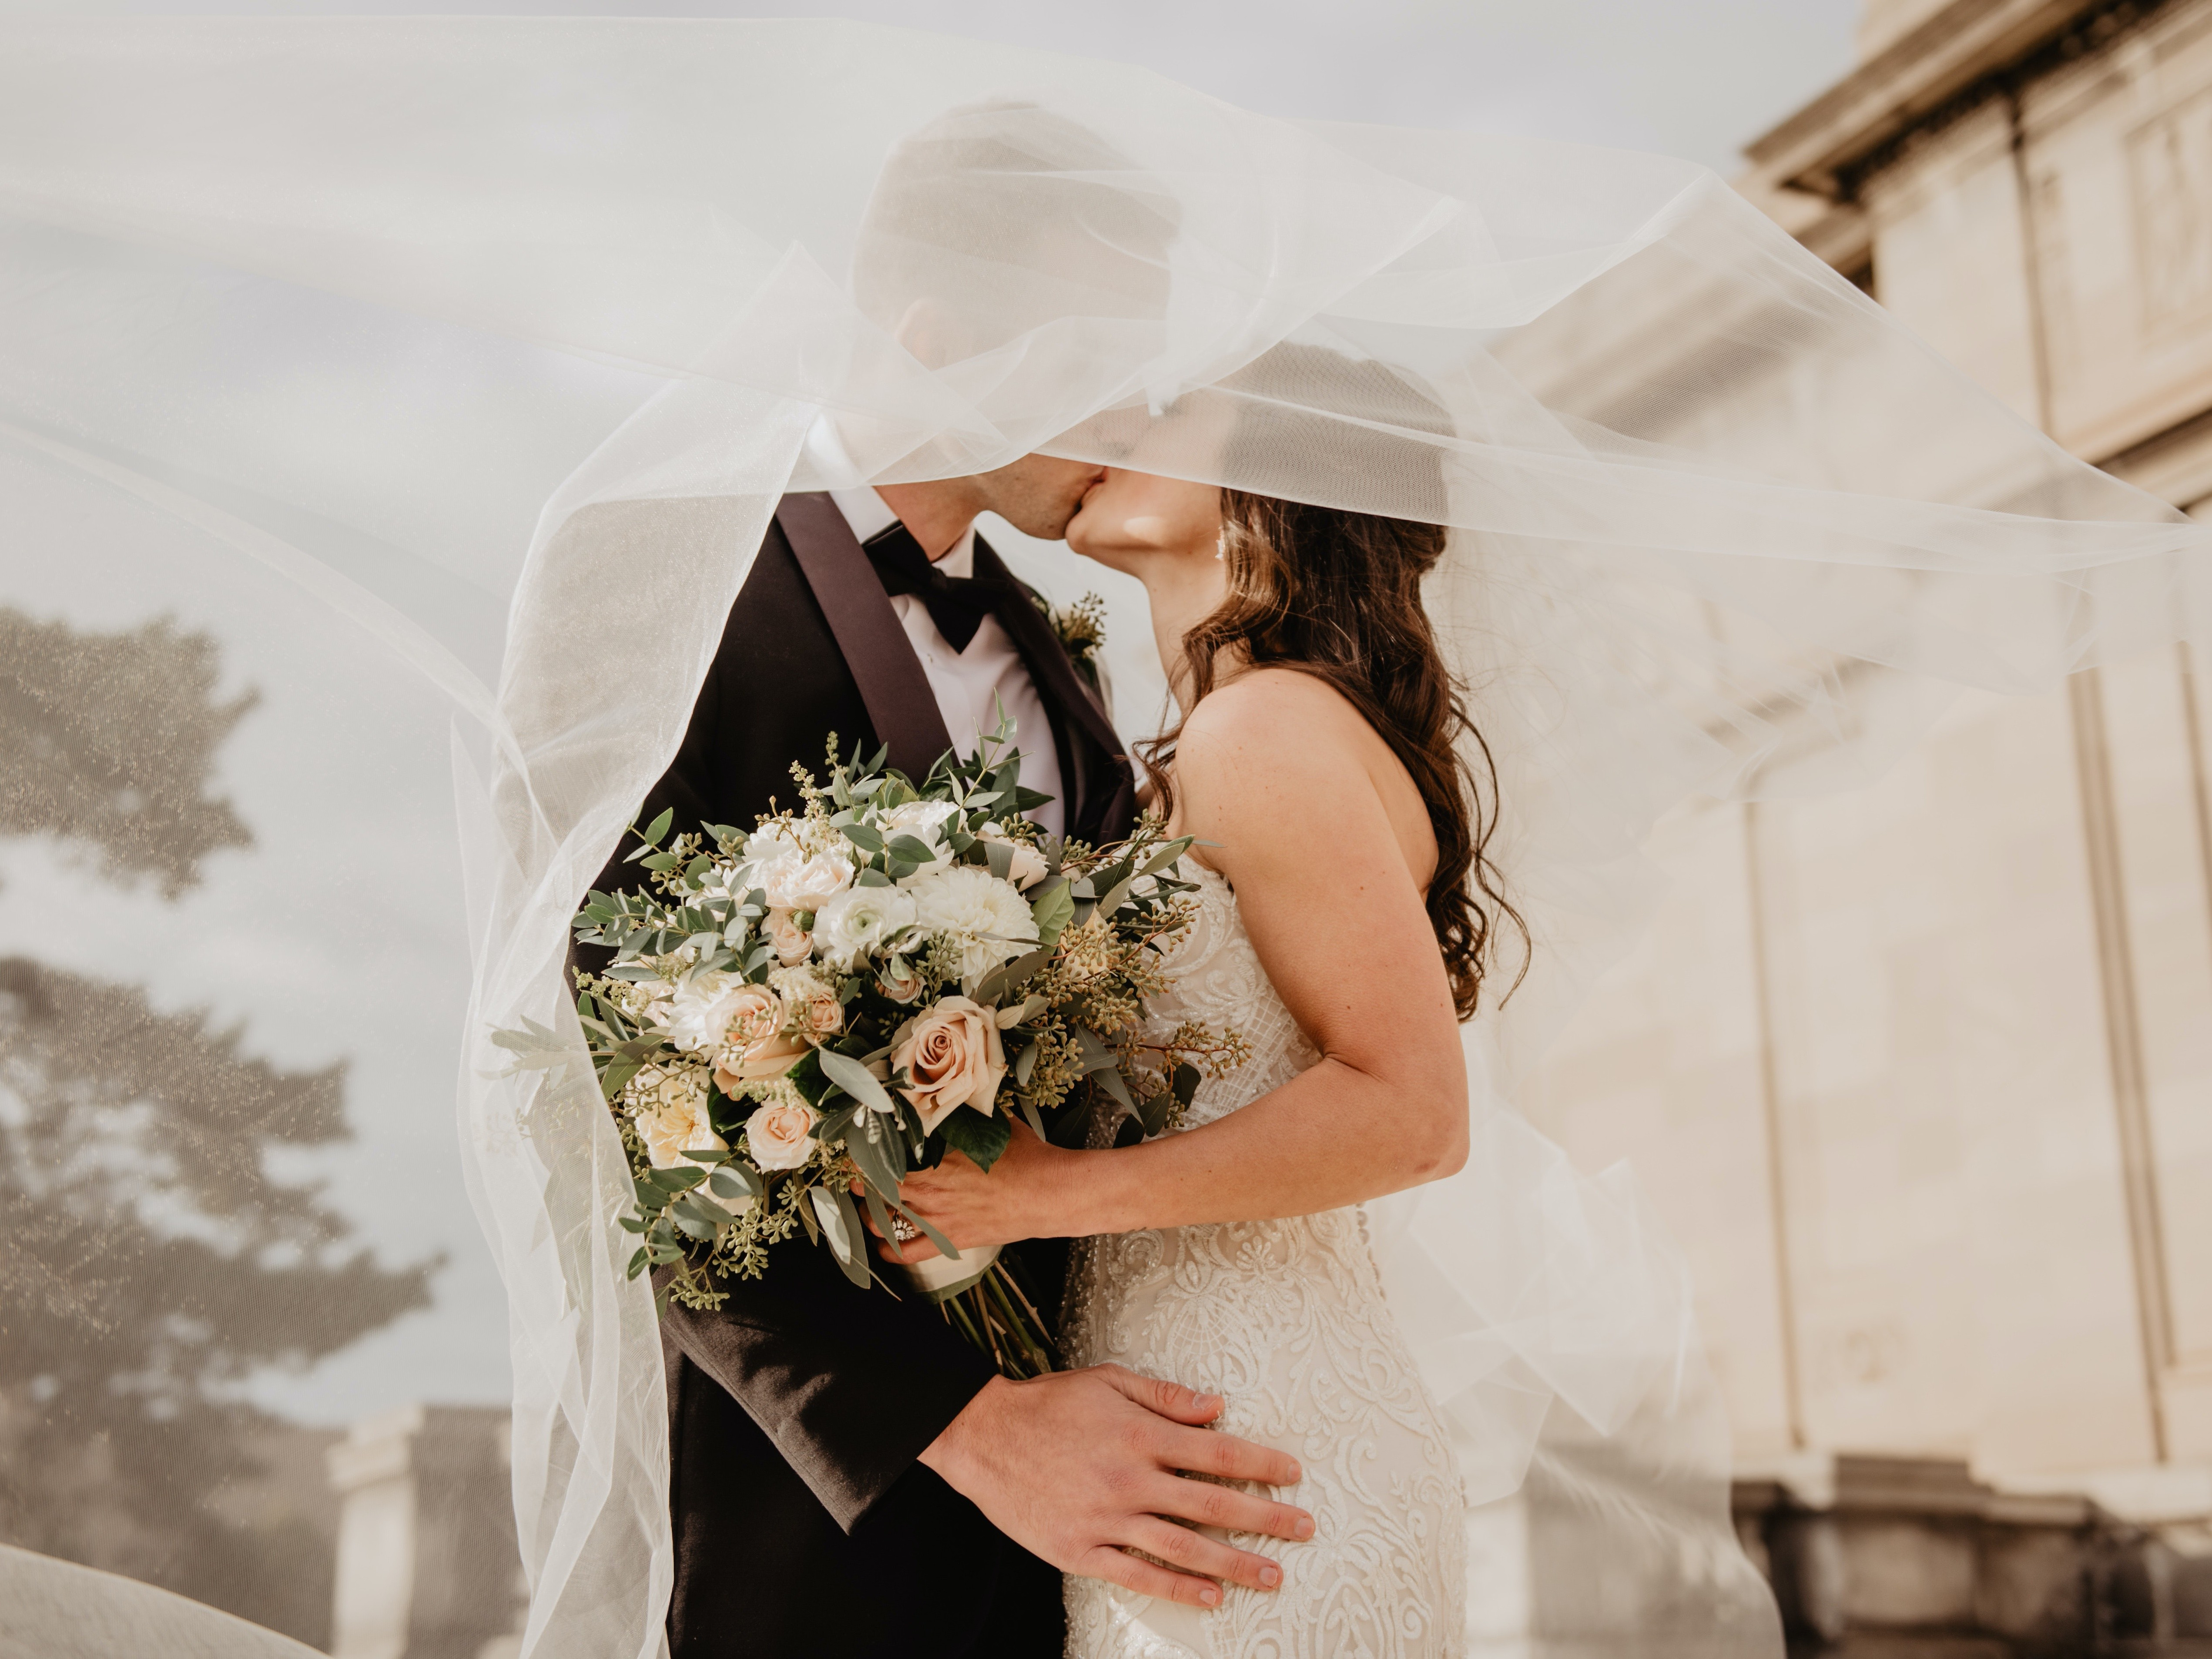 ▲2020年結婚運勢大好的3星座 。(圖/翻攝unsplash、pexels)